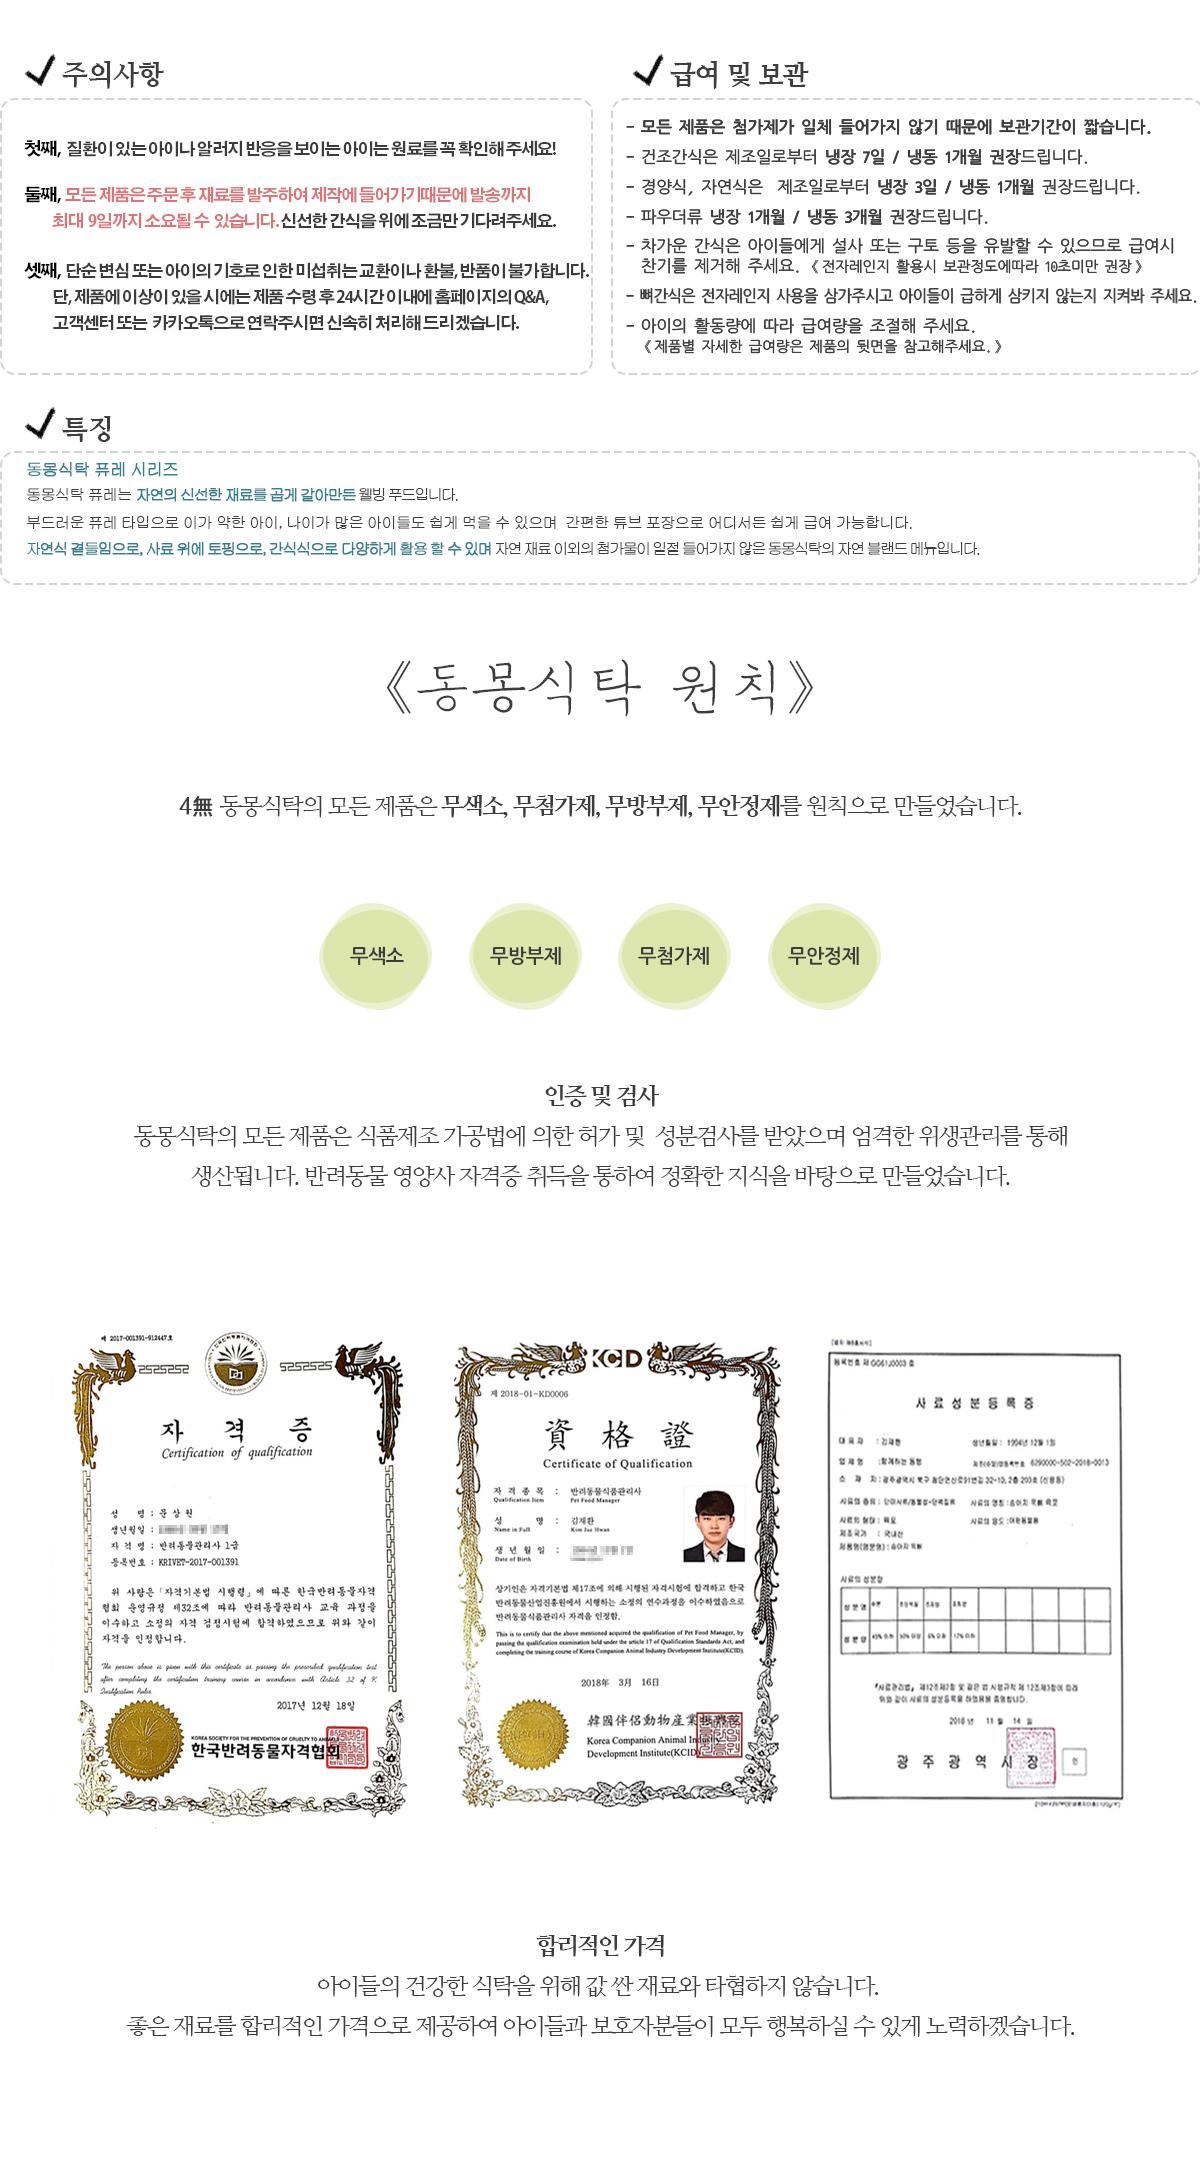 강아지 수제간식 오리안심 육포 50g - 동몽식탁, 5,000원, 간식/영양제, 수제간식